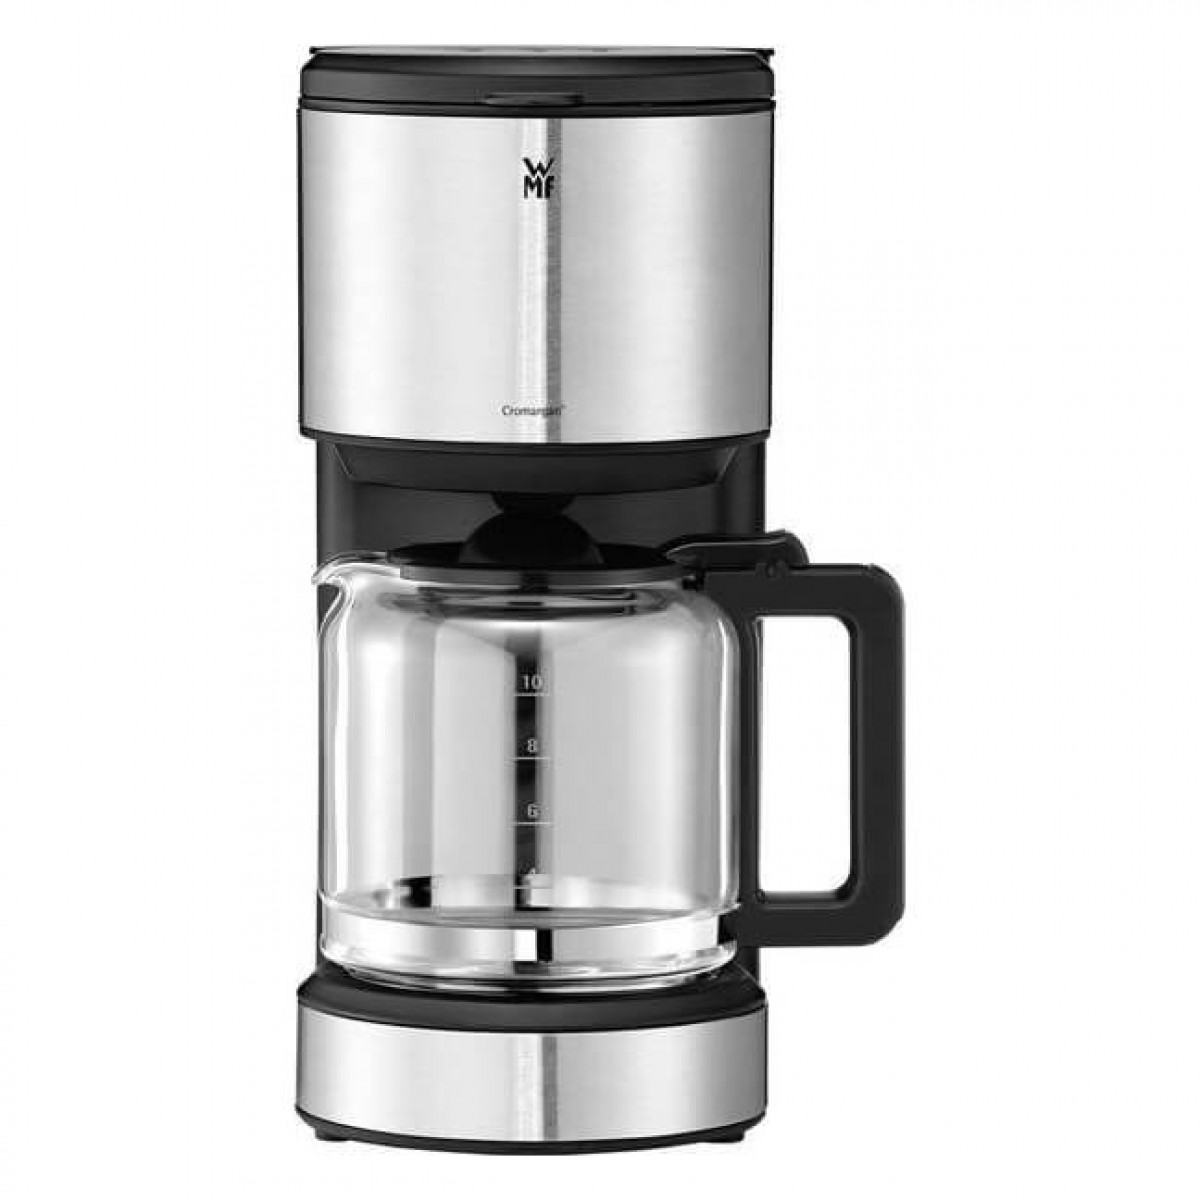 WMF Kaffemaskine stelio 1000w